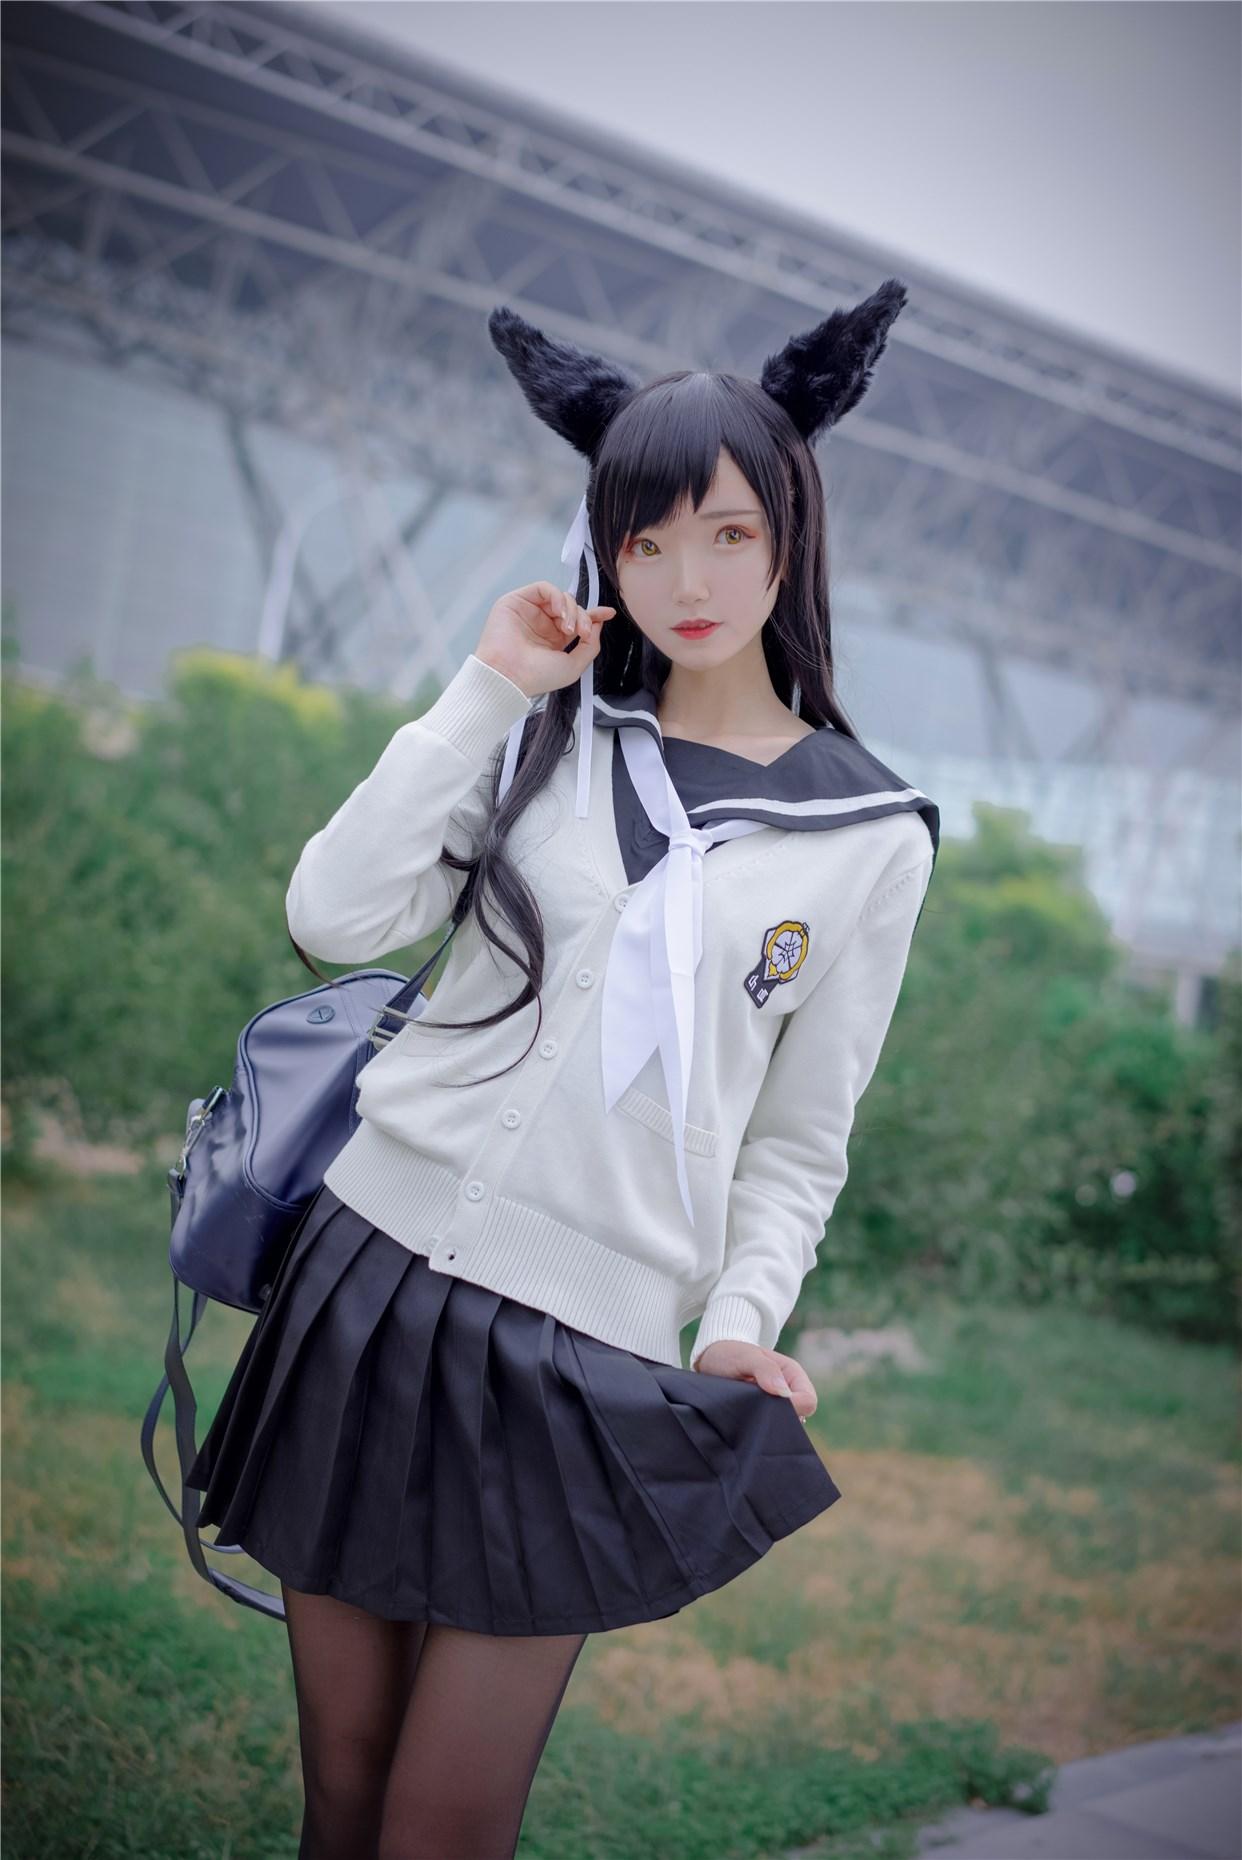 【兔玩映画】大长腿姐姐的cos 兔玩映画 第24张